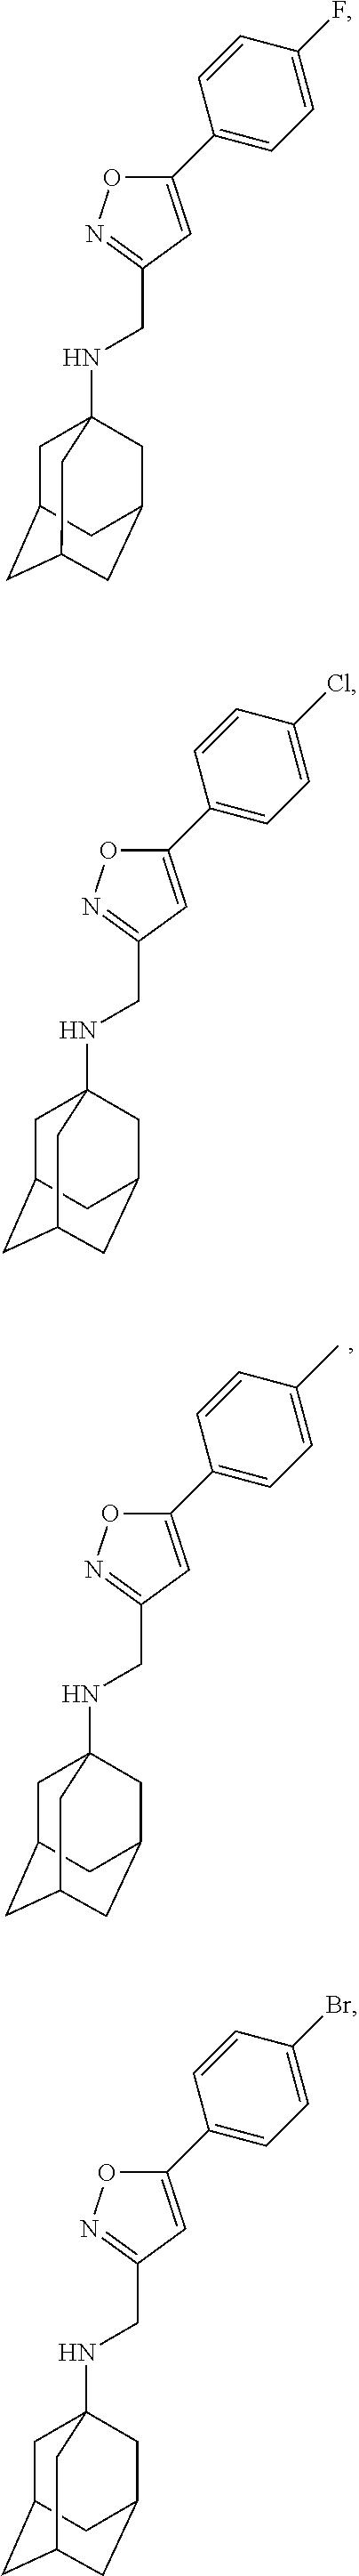 Figure US09884832-20180206-C00154